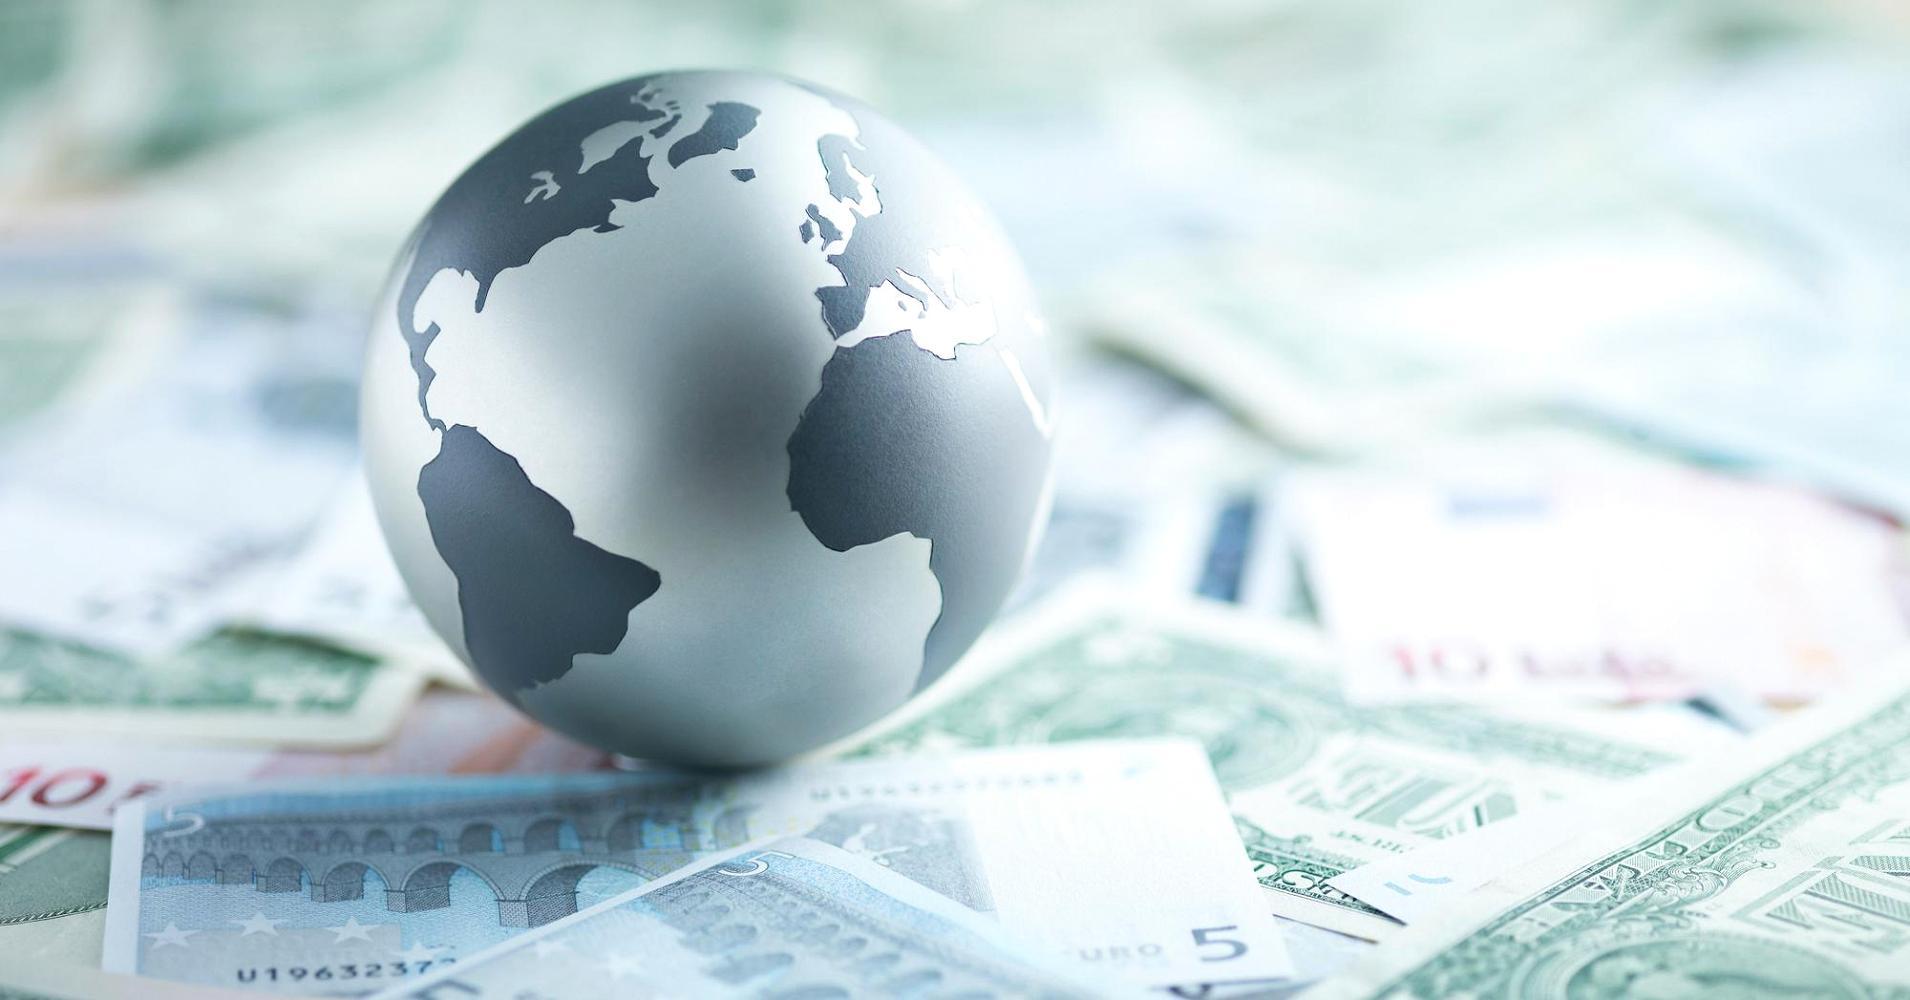 Munich Re, Insurance Outlook 2017: prevista una maggiore crescita globale per il 2018 del settore assicurativo – Intermedia Channel